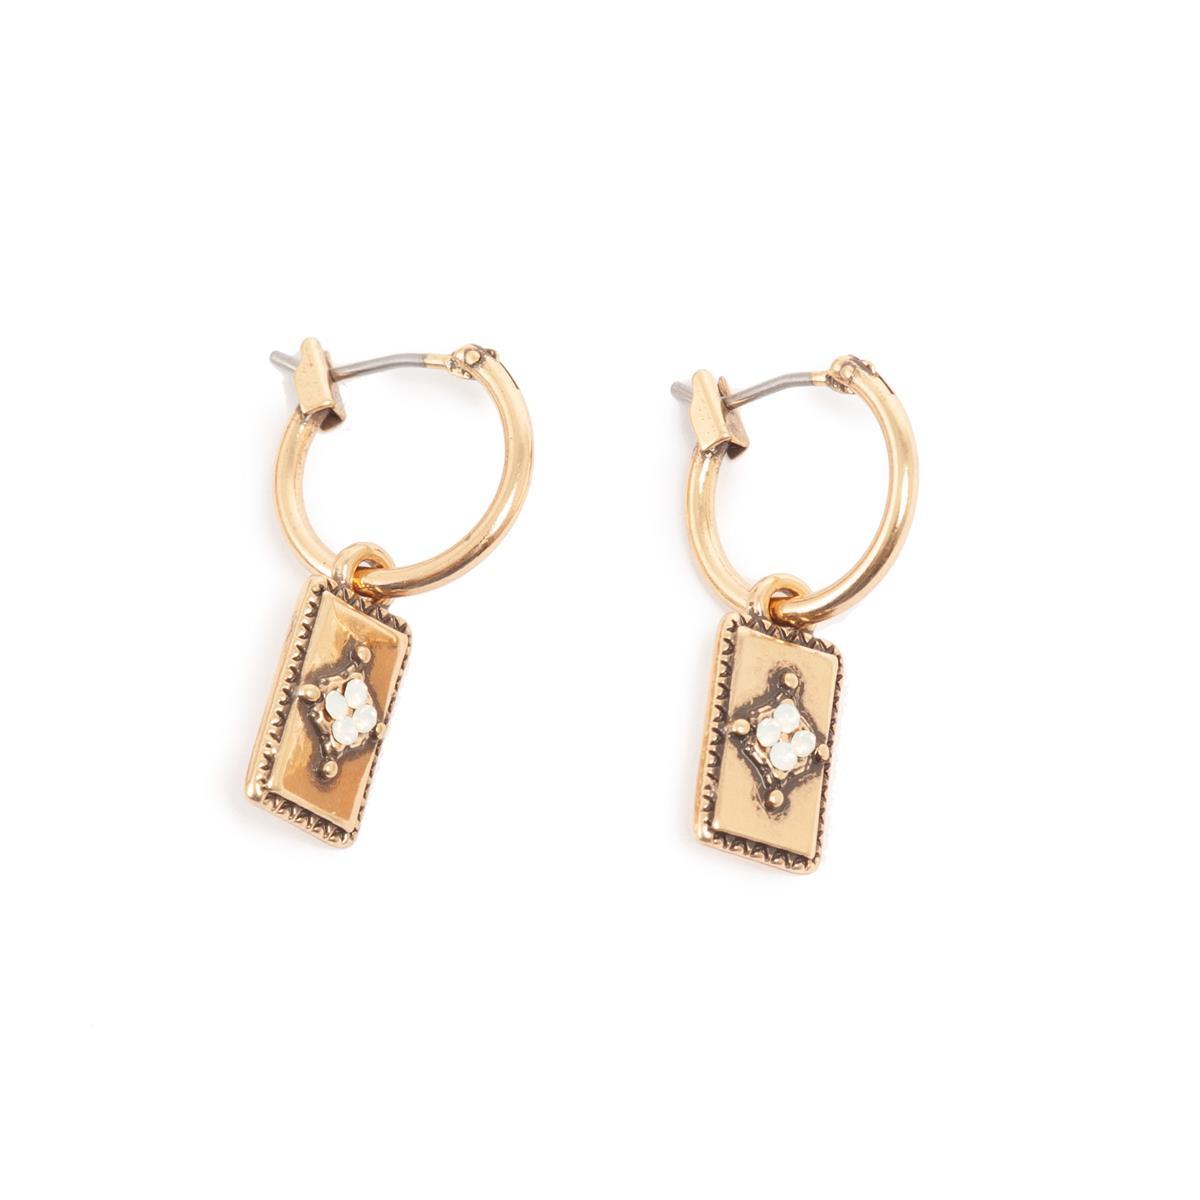 A&C små øreringer, opal white